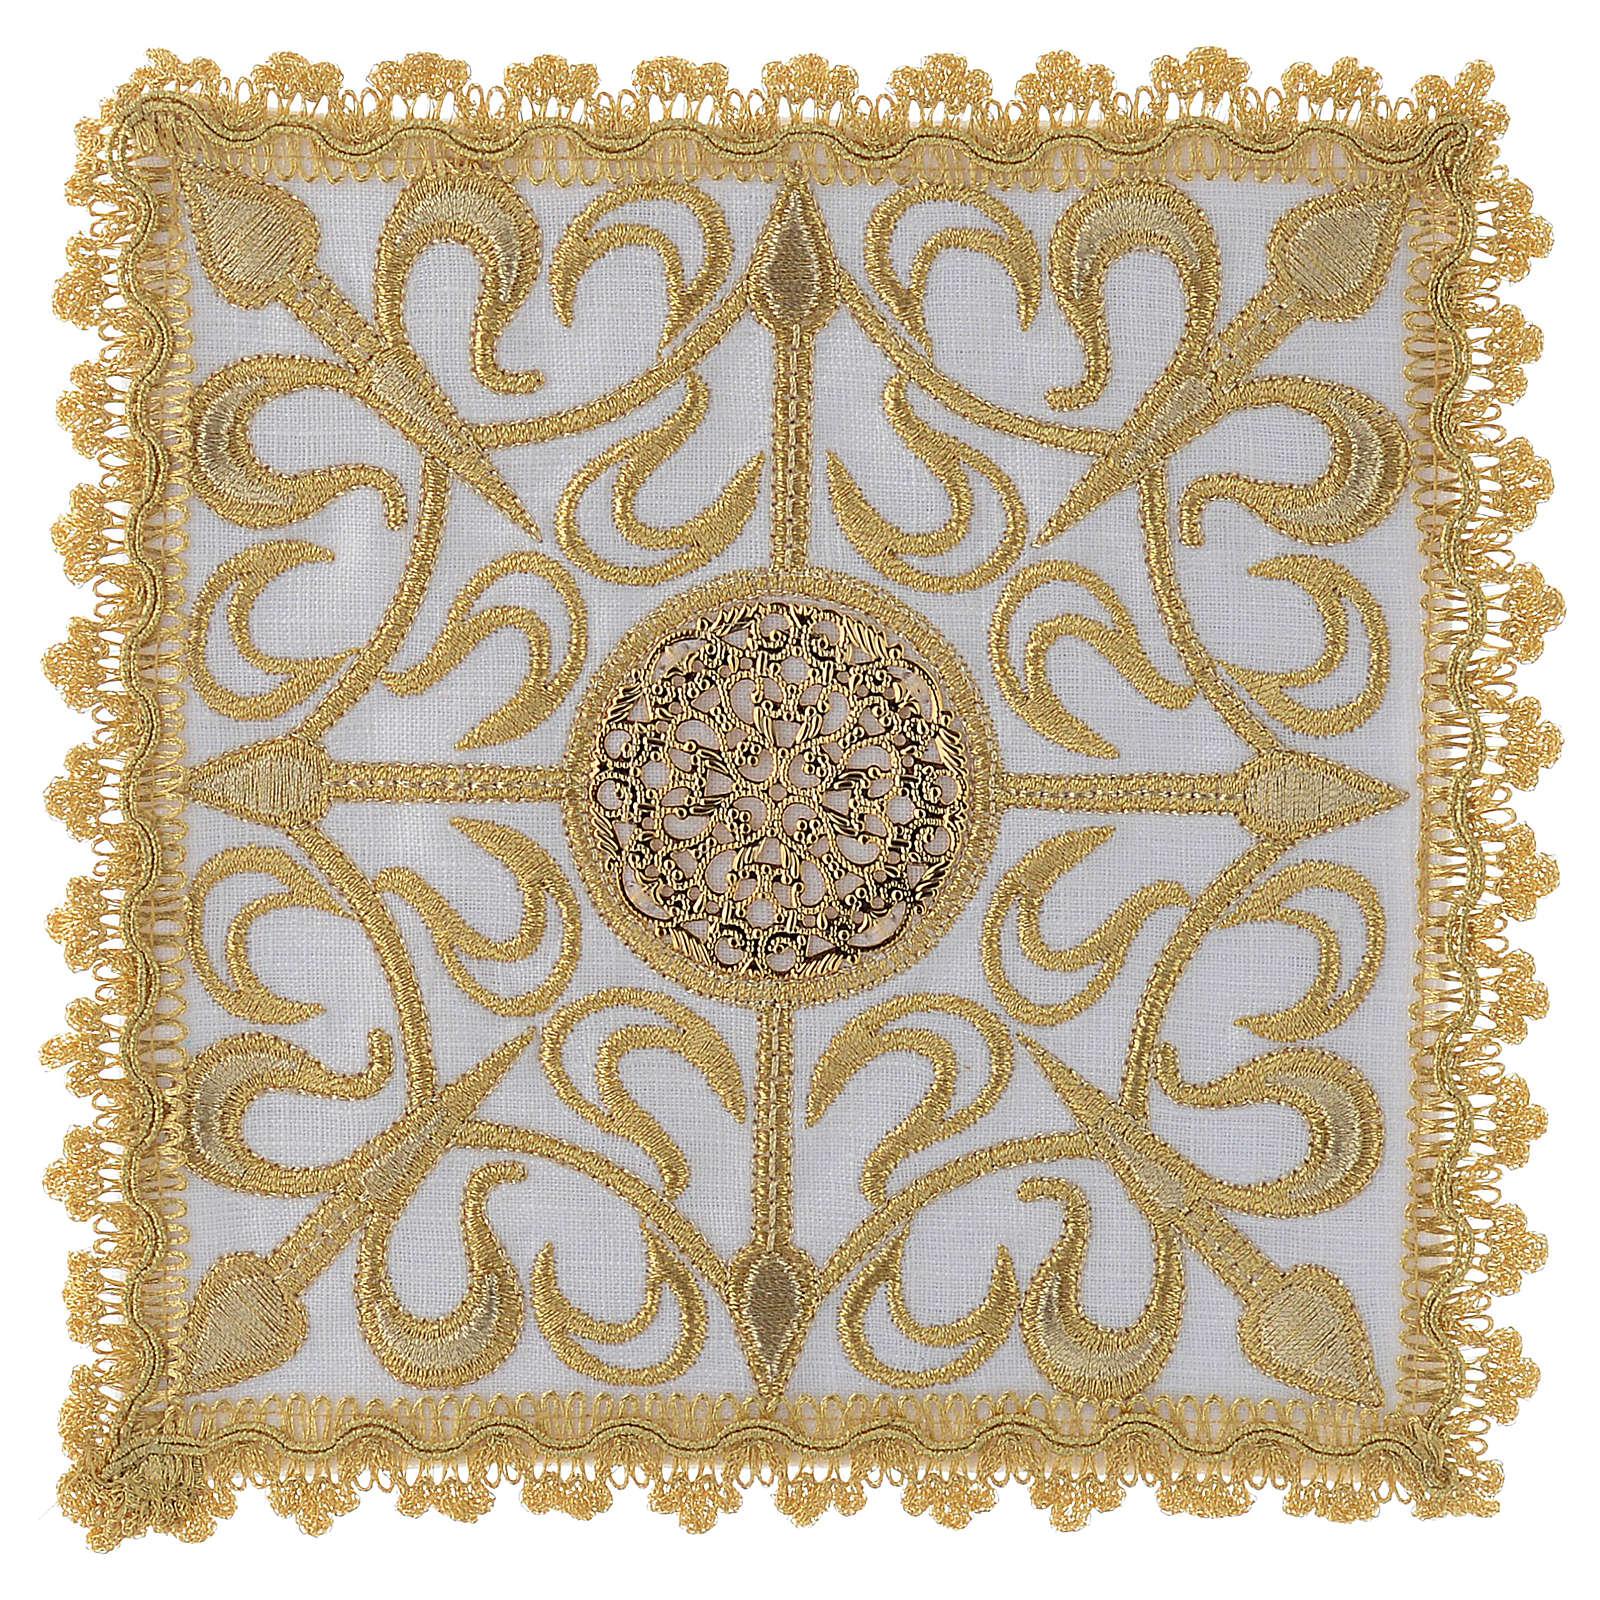 Servicio completo de altar con cruz y motivos de oro hilo 4